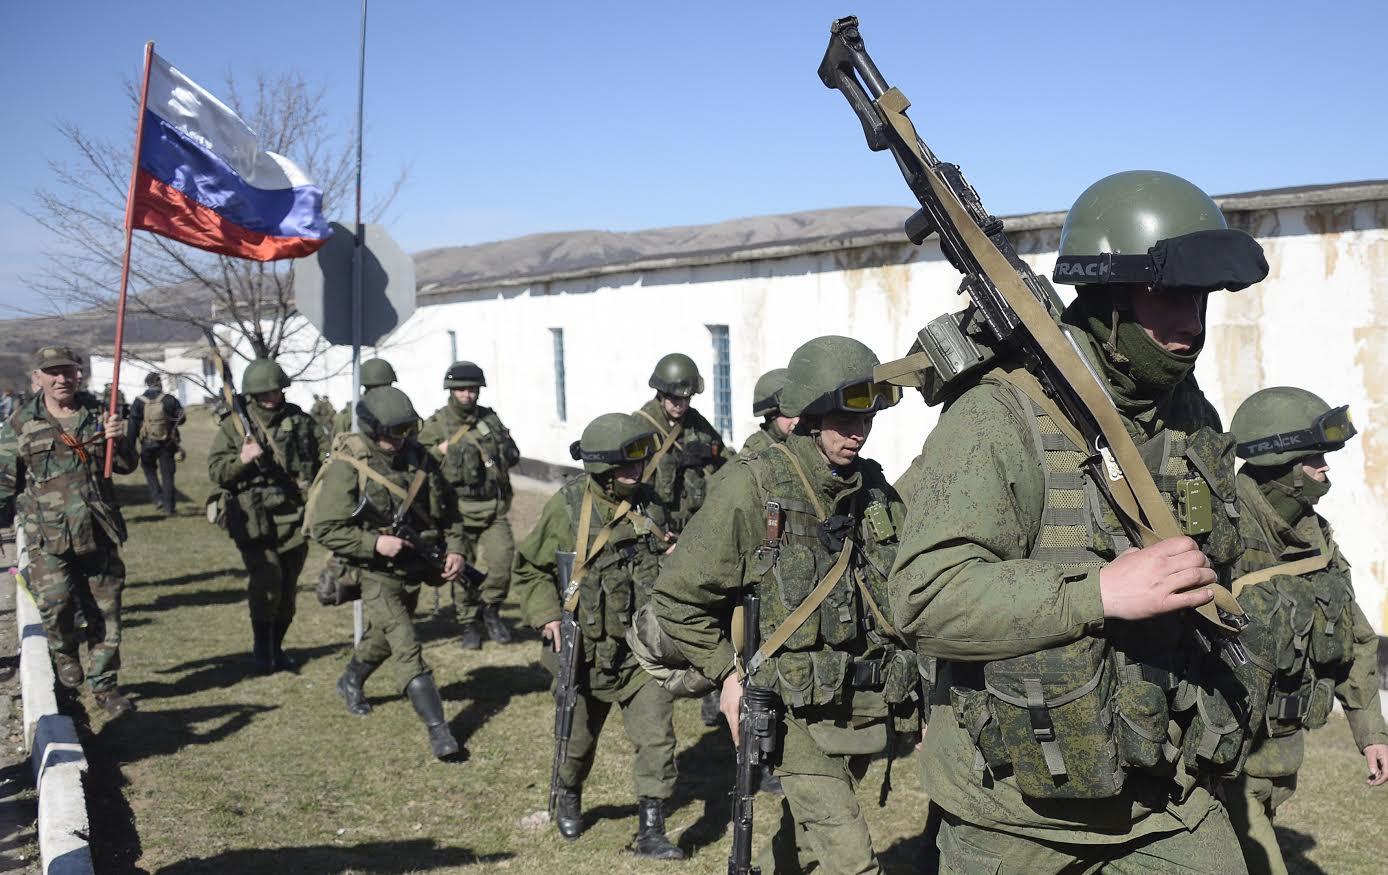 AFP PHOTO / ALEXANDER NEMENOV (Photo credit should read ALEXANDER NEMENOV/AFP/Getty Images)